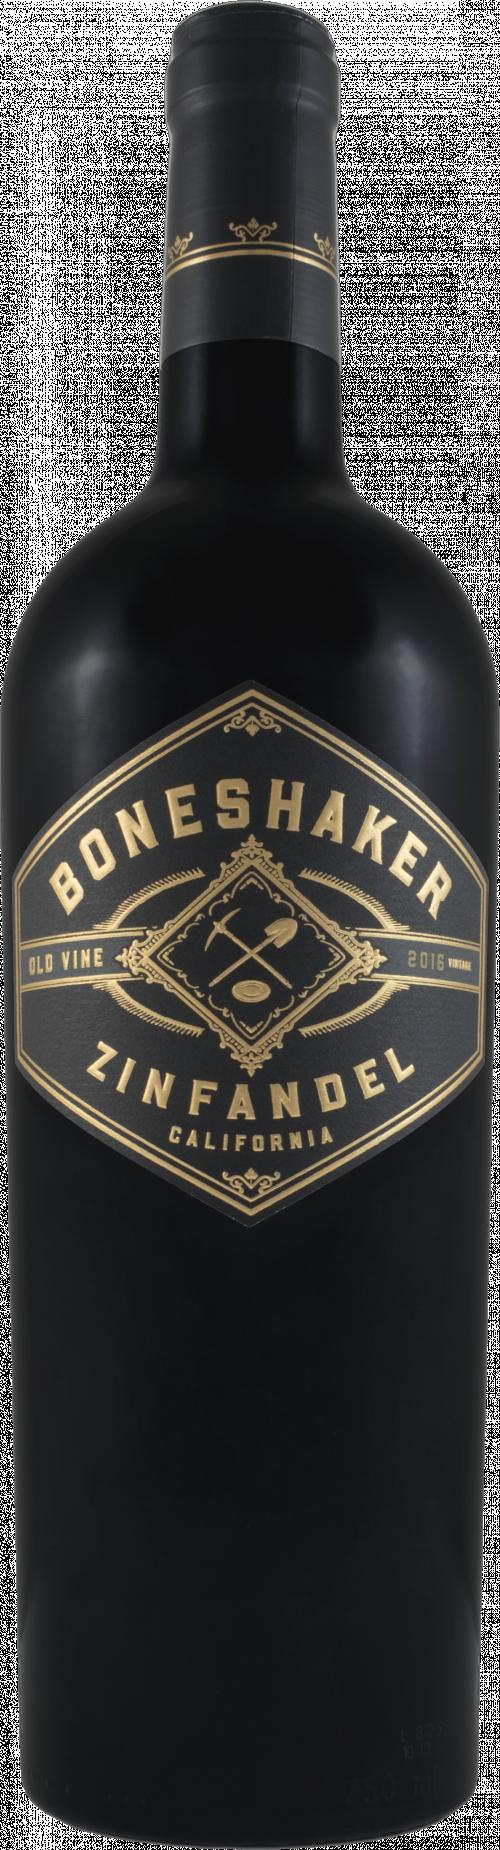 2018 Boneshaker Zinfandel 750ml